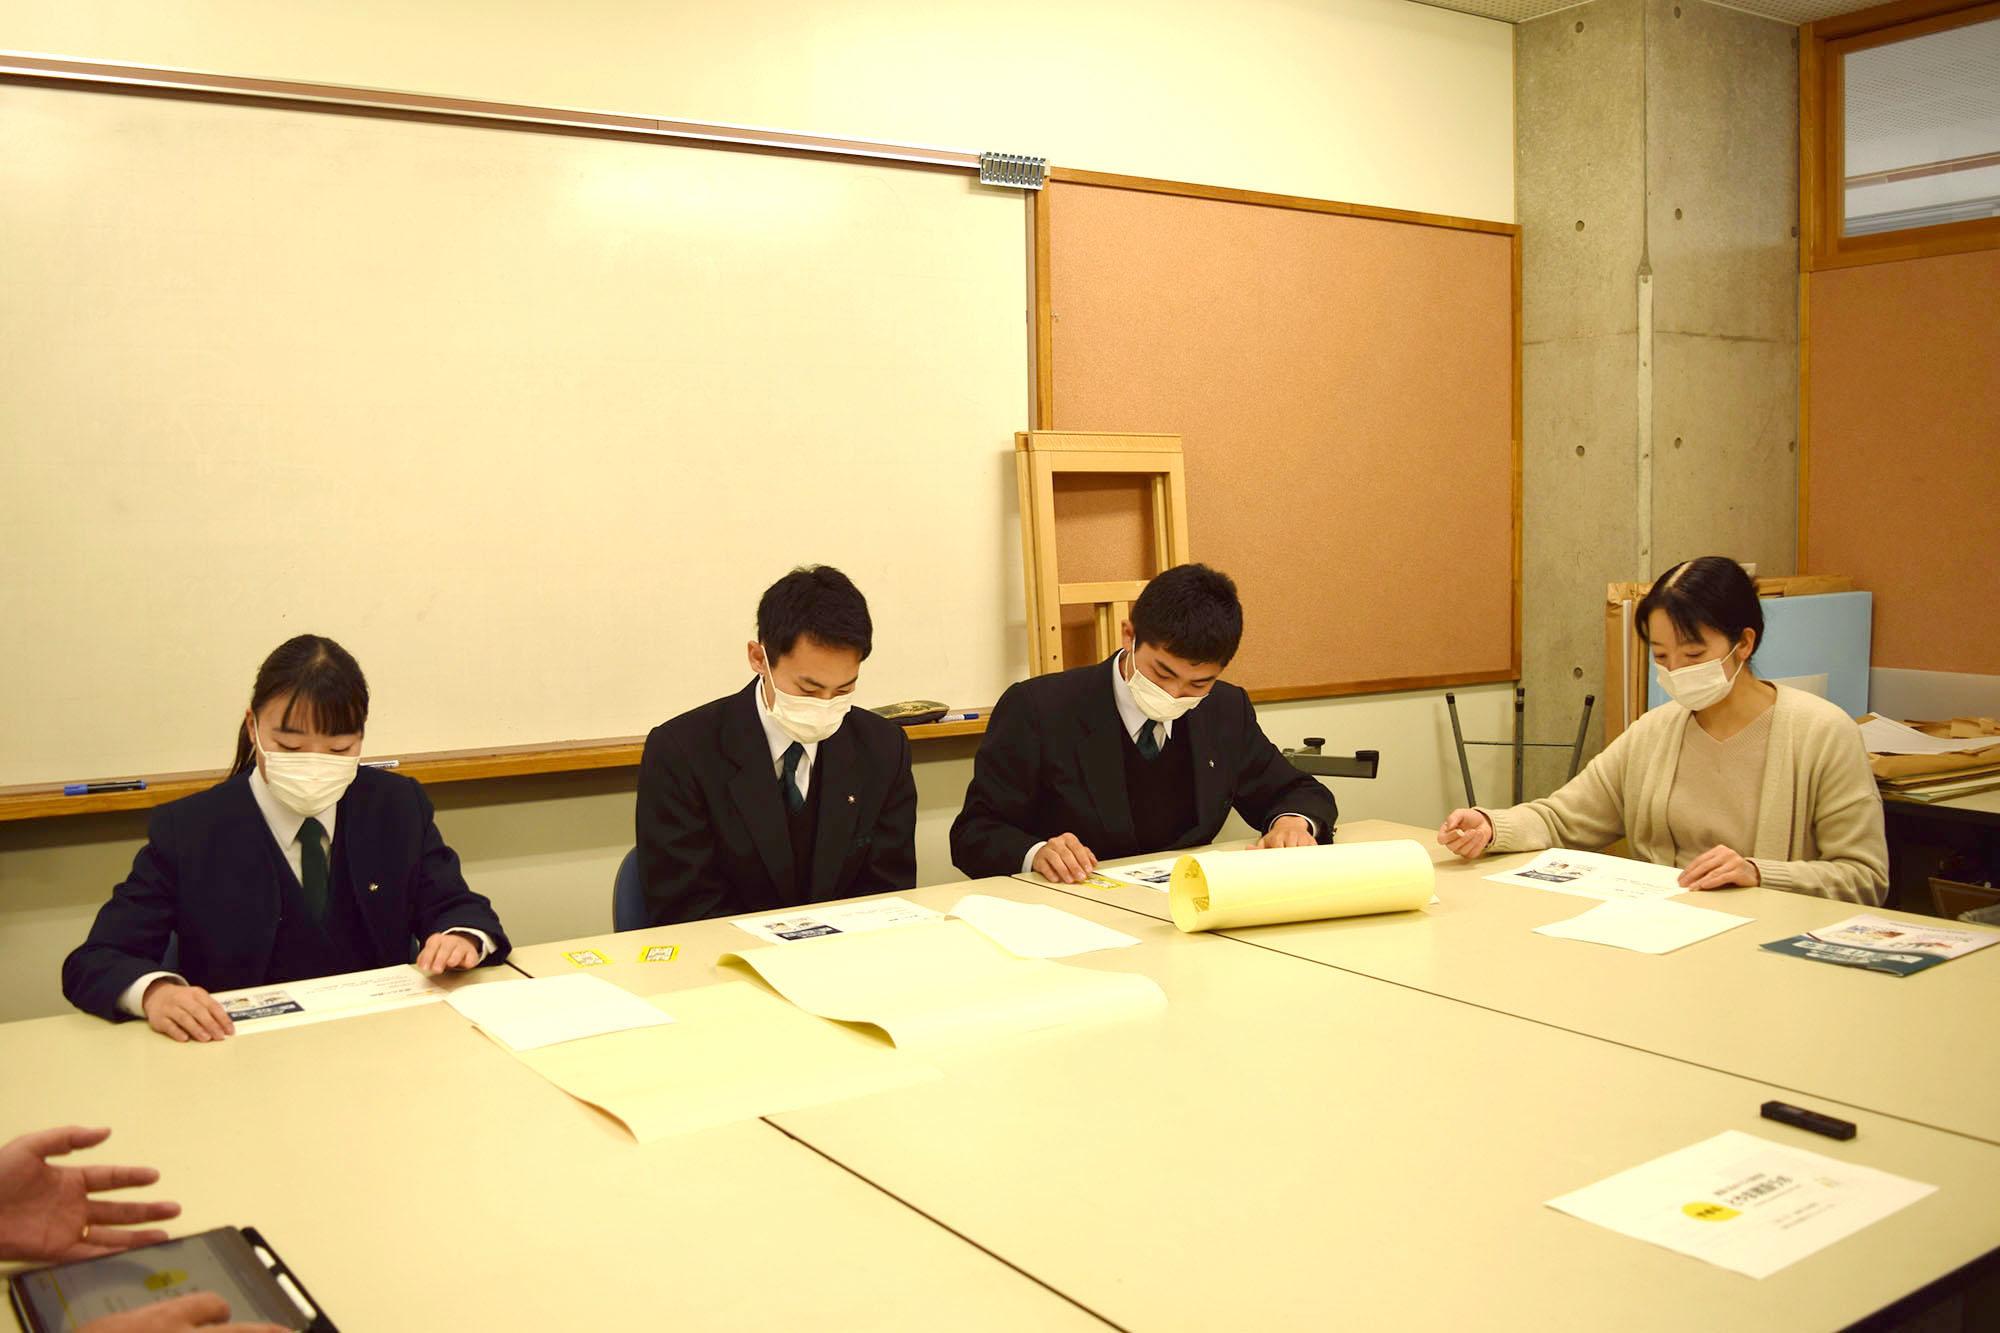 建築科の井村科長先生、渋谷先生も同席してくれました